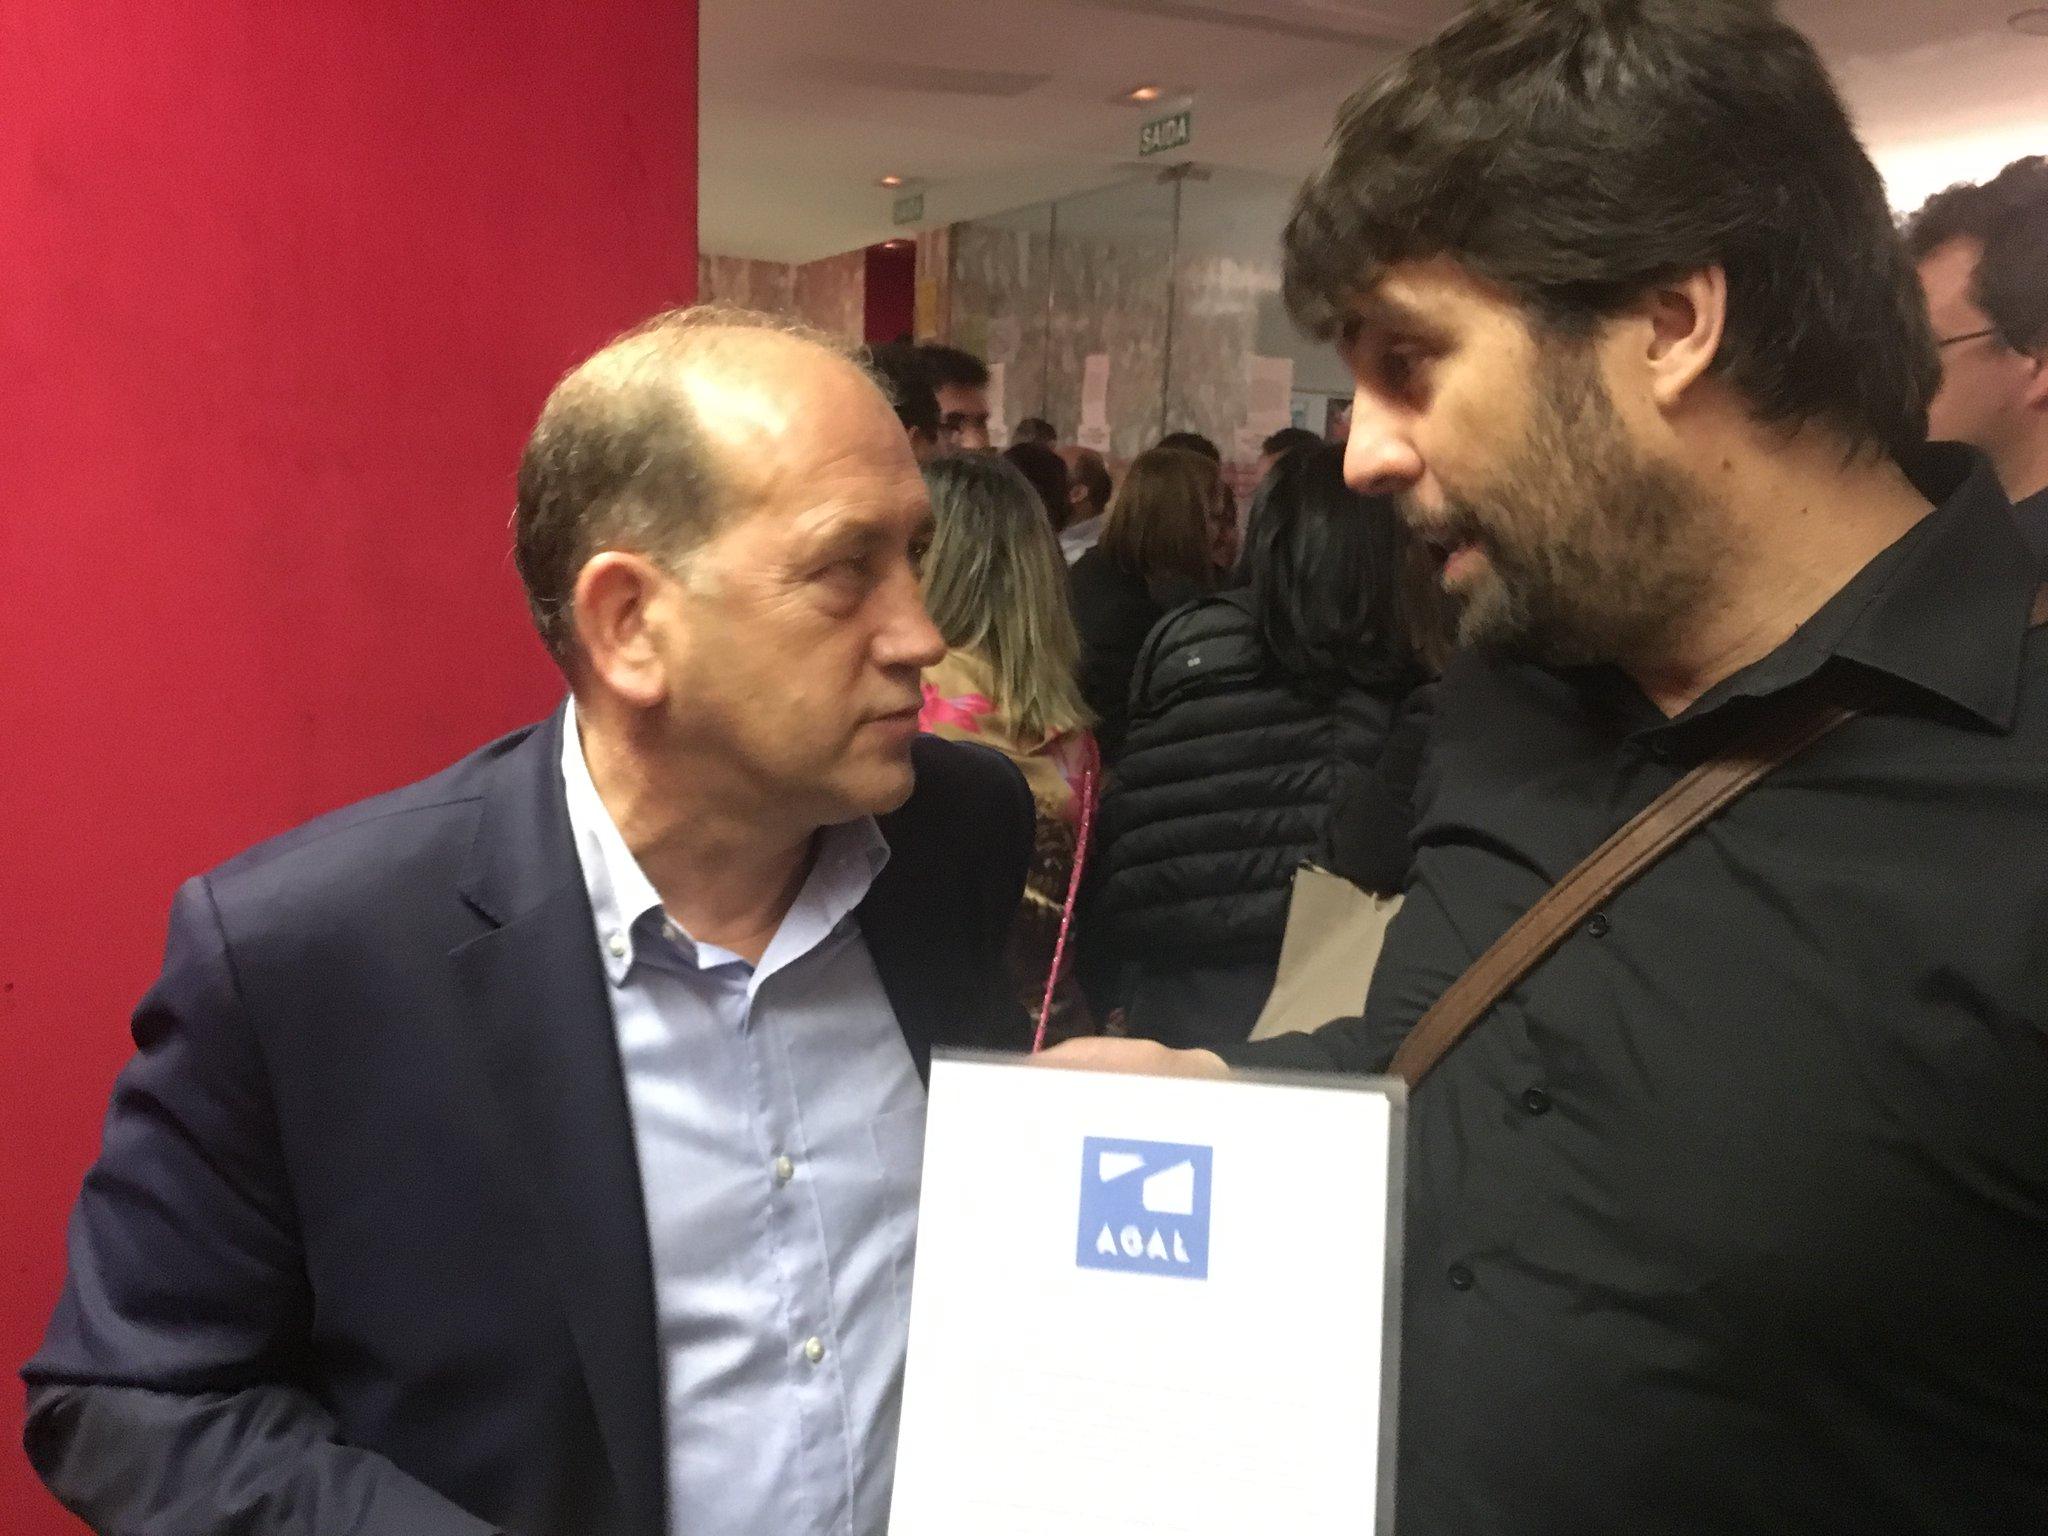 Eduardo Maragoto com o candidato polo PSOE, Xoaquín Fernández Leiceaga